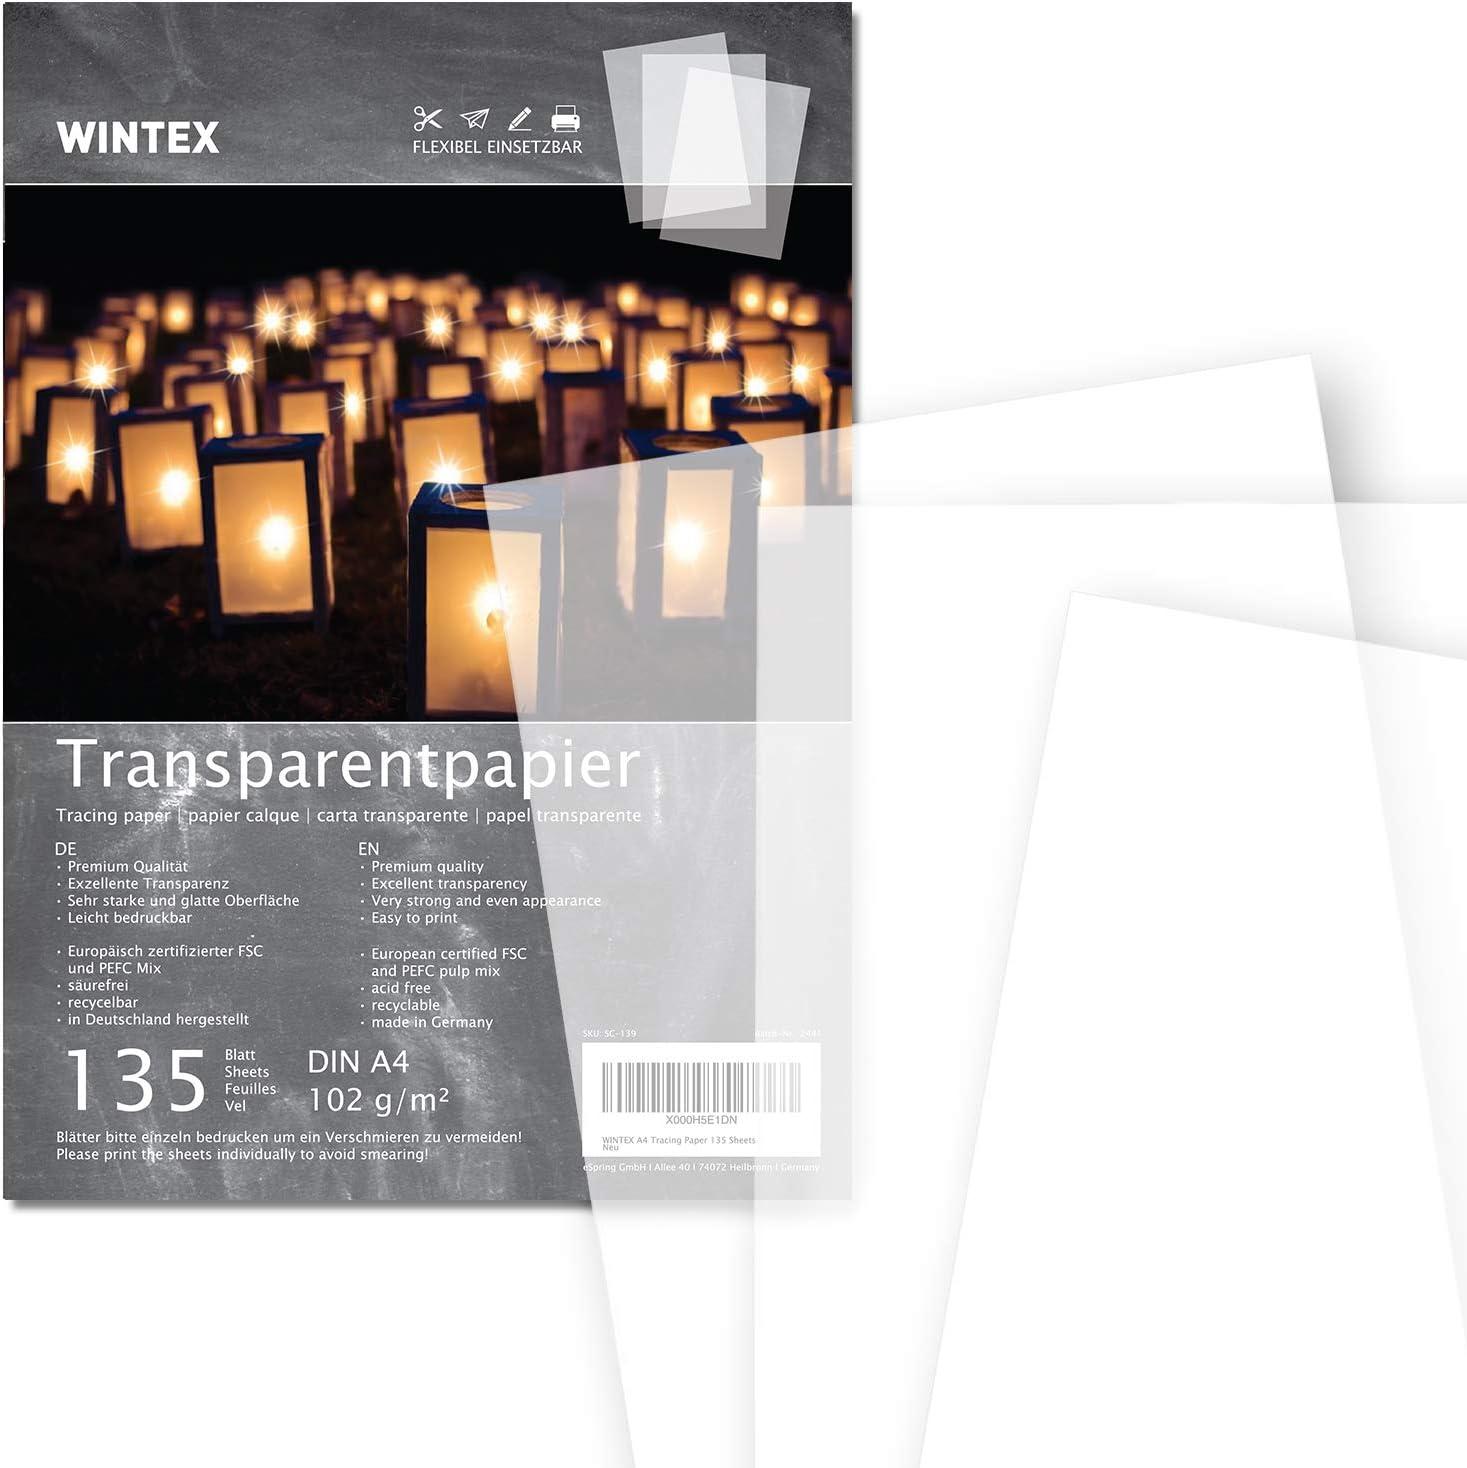 WINTEX 135 hojas de papel transparente DIN A4 102 g/qm super calidad